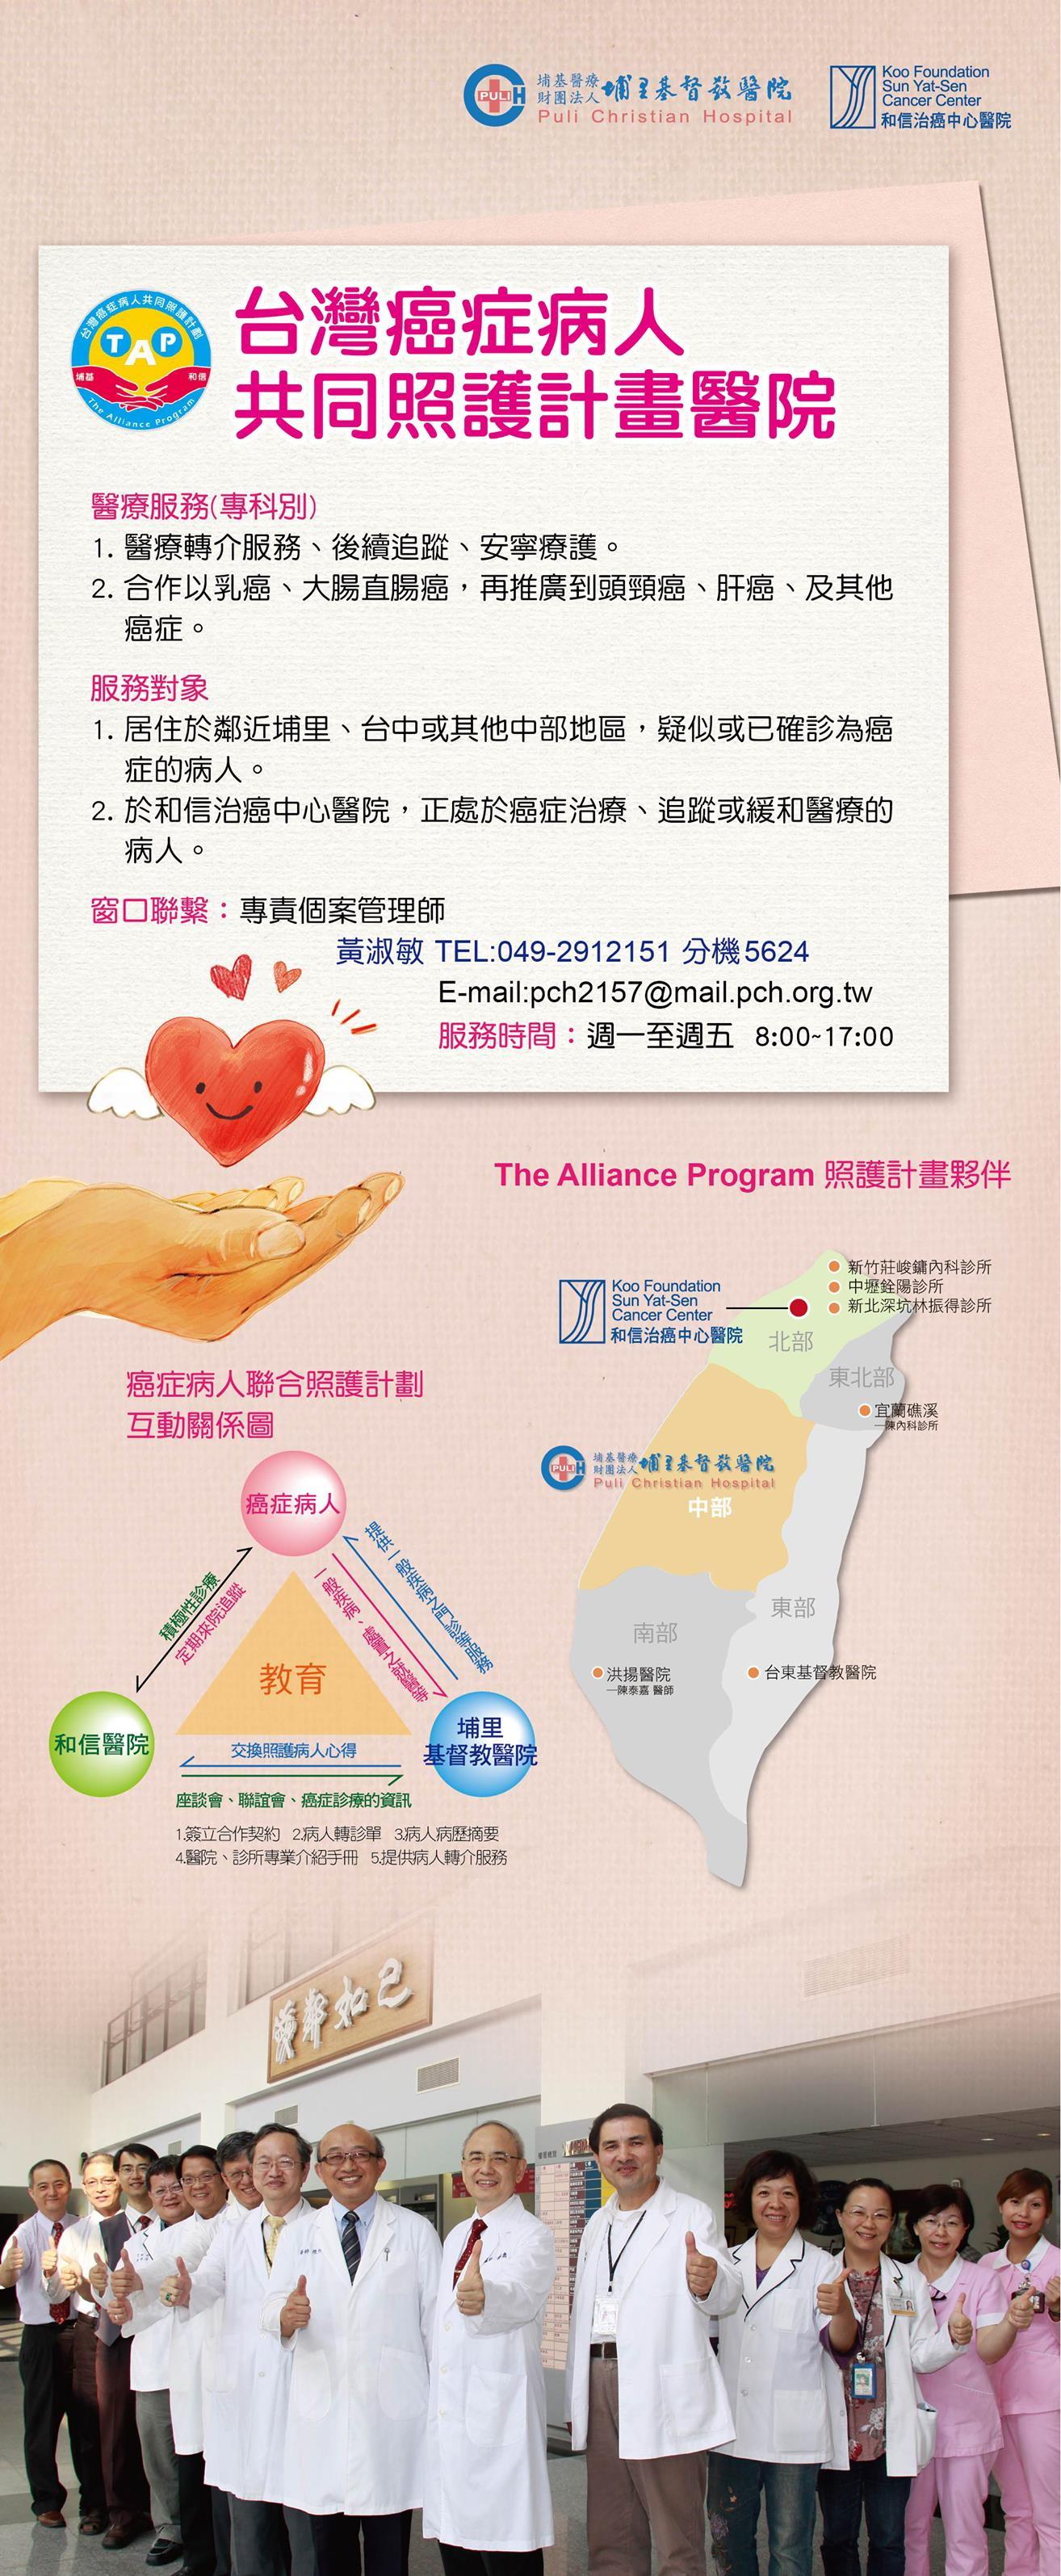 台灣癌症病人共同照護計劃 88節揭牌感恩禮拜